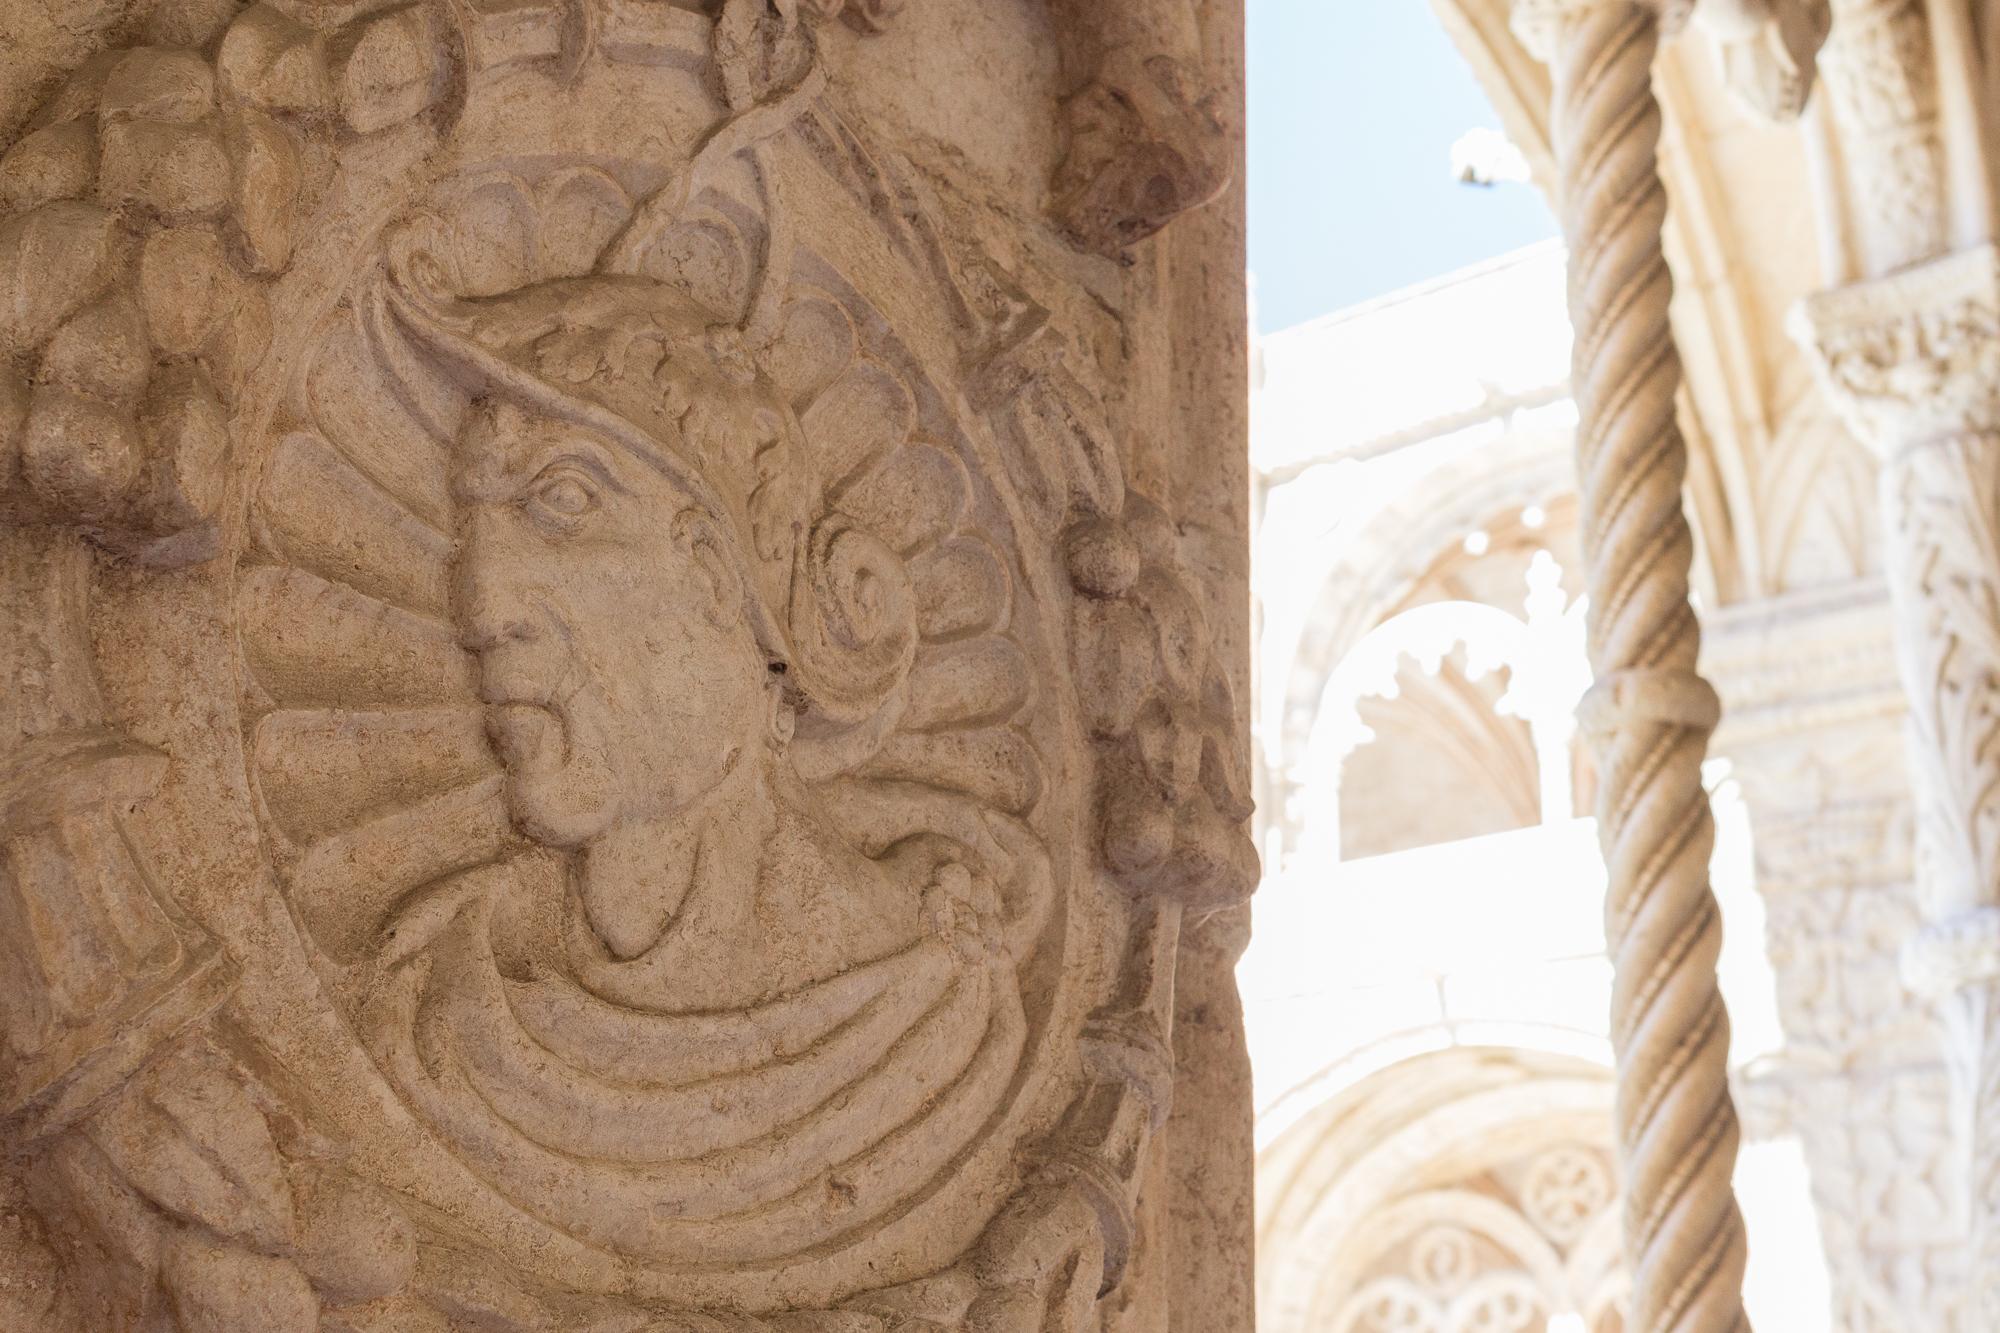 Détail bas-relief cloître du monastère des Hiéronymites, portrait homme regard sévère, Belém, Lisbonne, Portugal